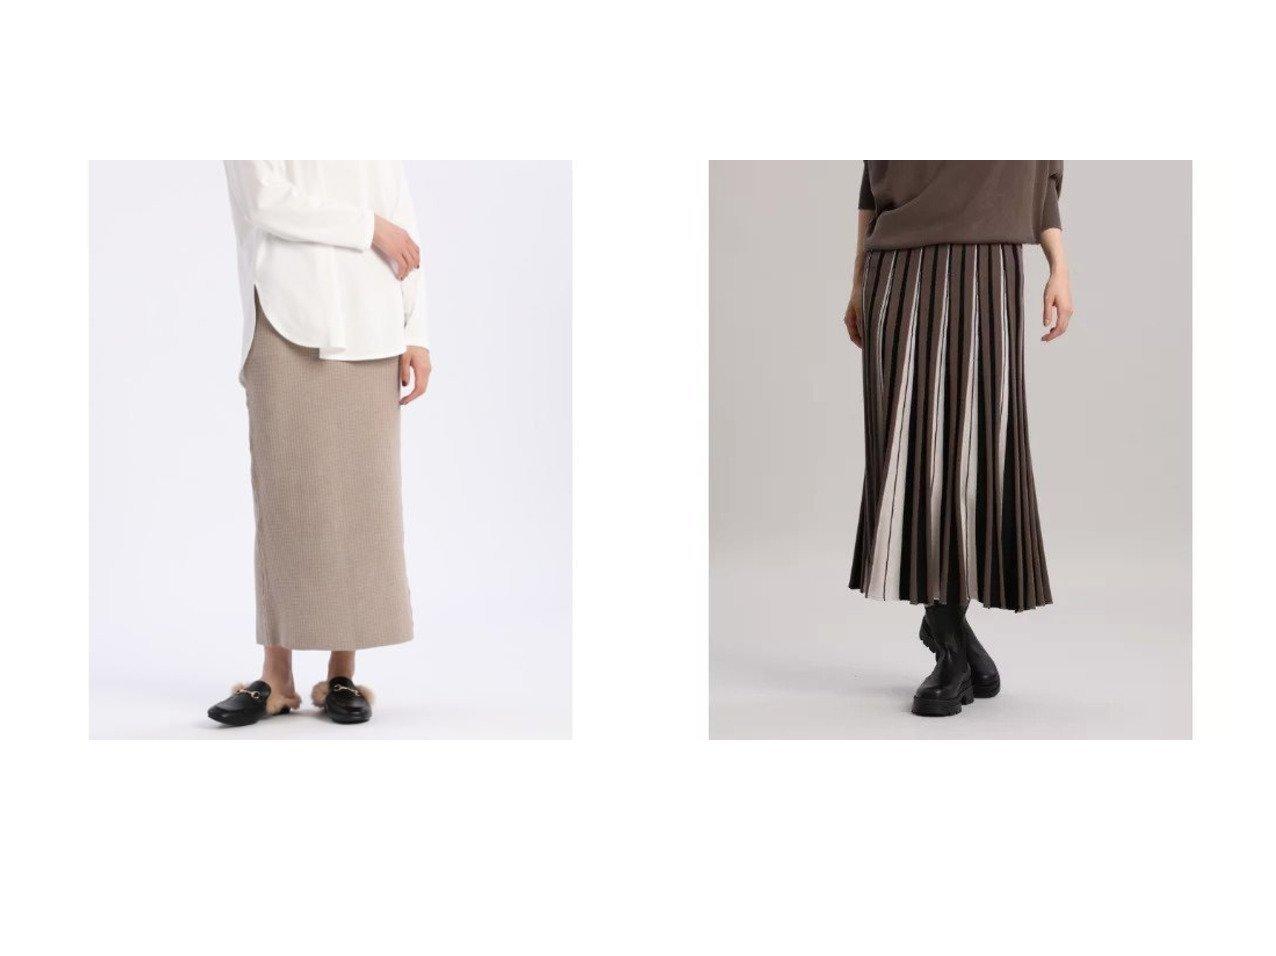 【INED/イネド】の《YVON》ワッフルニットスカート&ホールガーメント(R)ニットフレアスカート《Cuoo》 【スカート】おすすめ!人気、トレンド・レディースファッションの通販 おすすめで人気の流行・トレンド、ファッションの通販商品 インテリア・家具・メンズファッション・キッズファッション・レディースファッション・服の通販 founy(ファニー) https://founy.com/ ファッション Fashion レディースファッション WOMEN スカート Skirt Aライン/フレアスカート Flared A-Line Skirts ストレート スリット セットアップ トレンド パーカー リラックス ロング ワッフル アクリル 吸水 ドレープ フレア プリーツ ホールガーメント 冬 Winter 夏 Summer  ID:crp329100000065213